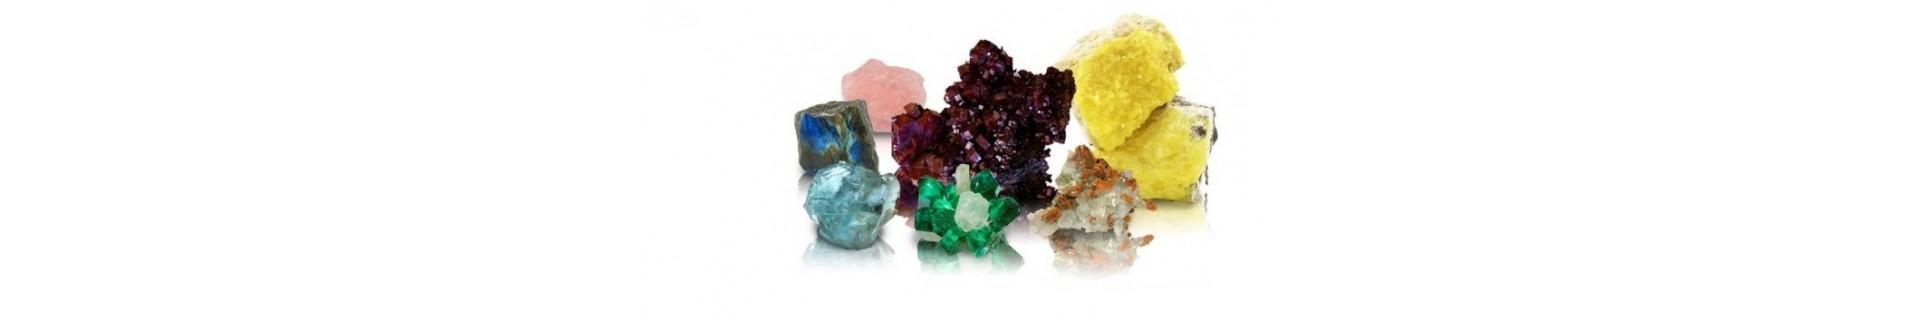 mineraux collection lithoterapie esoterisme pierre